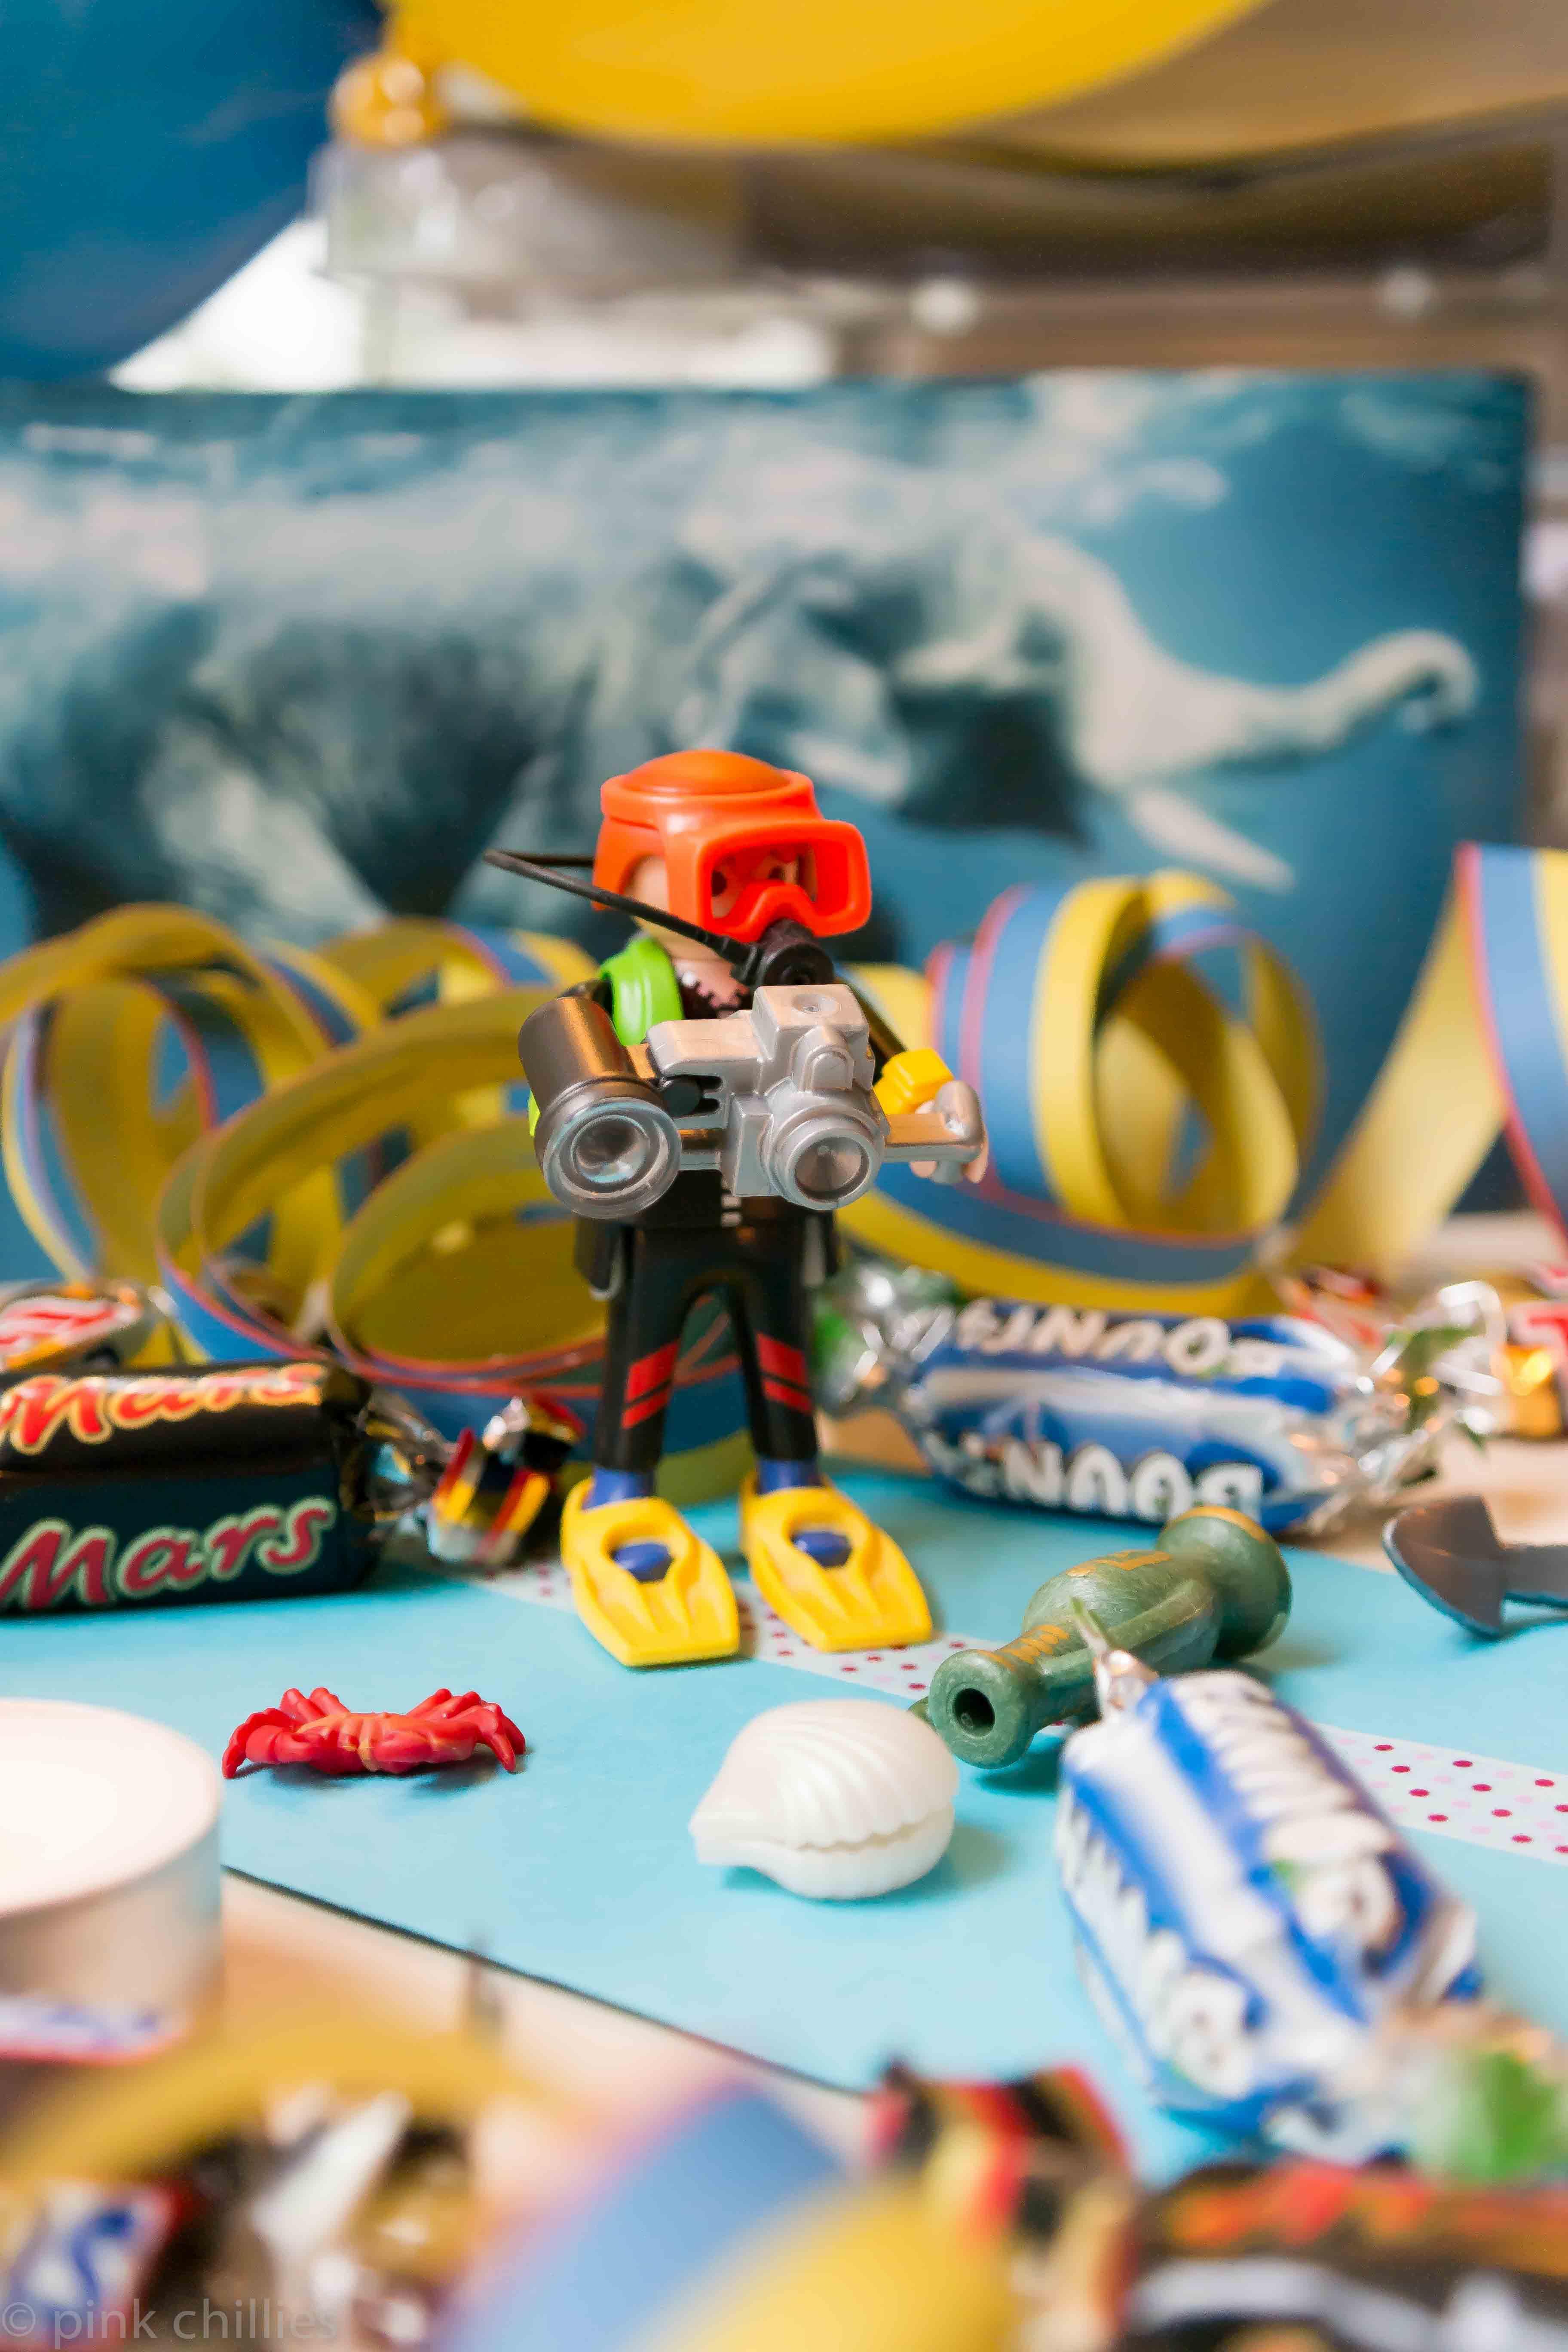 Playmobiltaucher auf Geburtstagstisch-0466